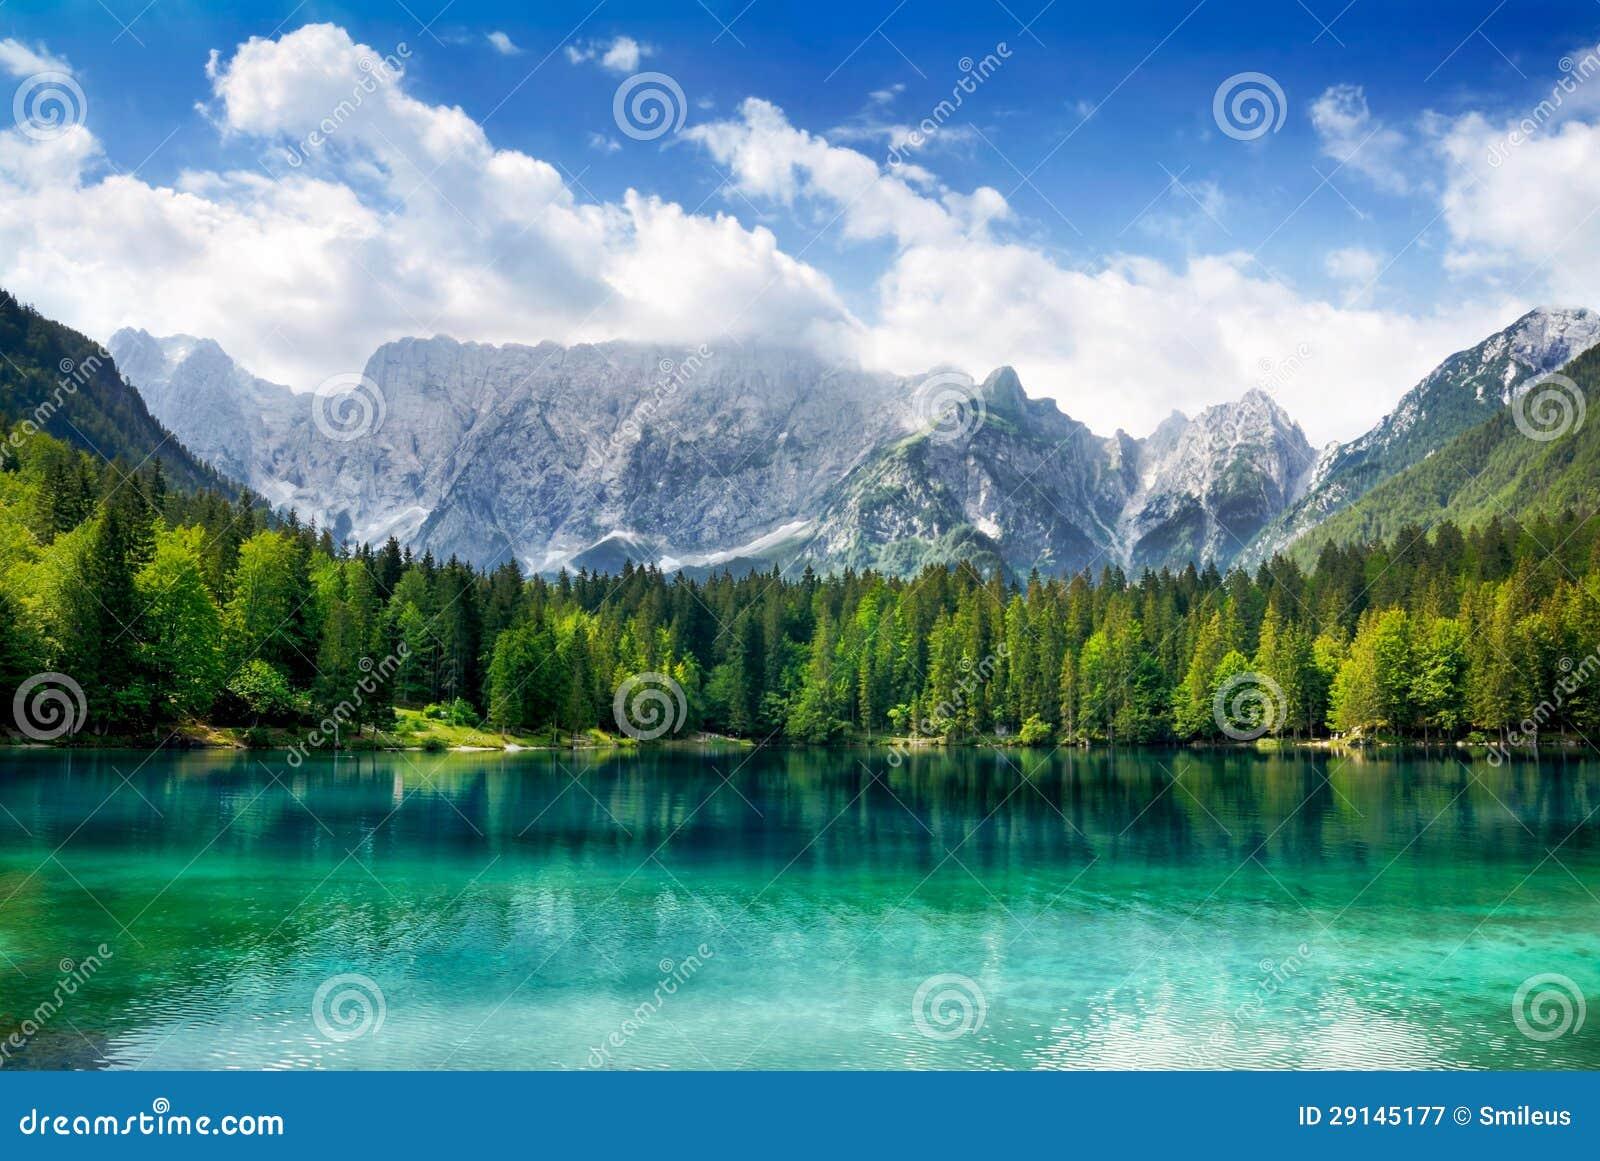 Beau lac avec des montagnes à l arrière-plan